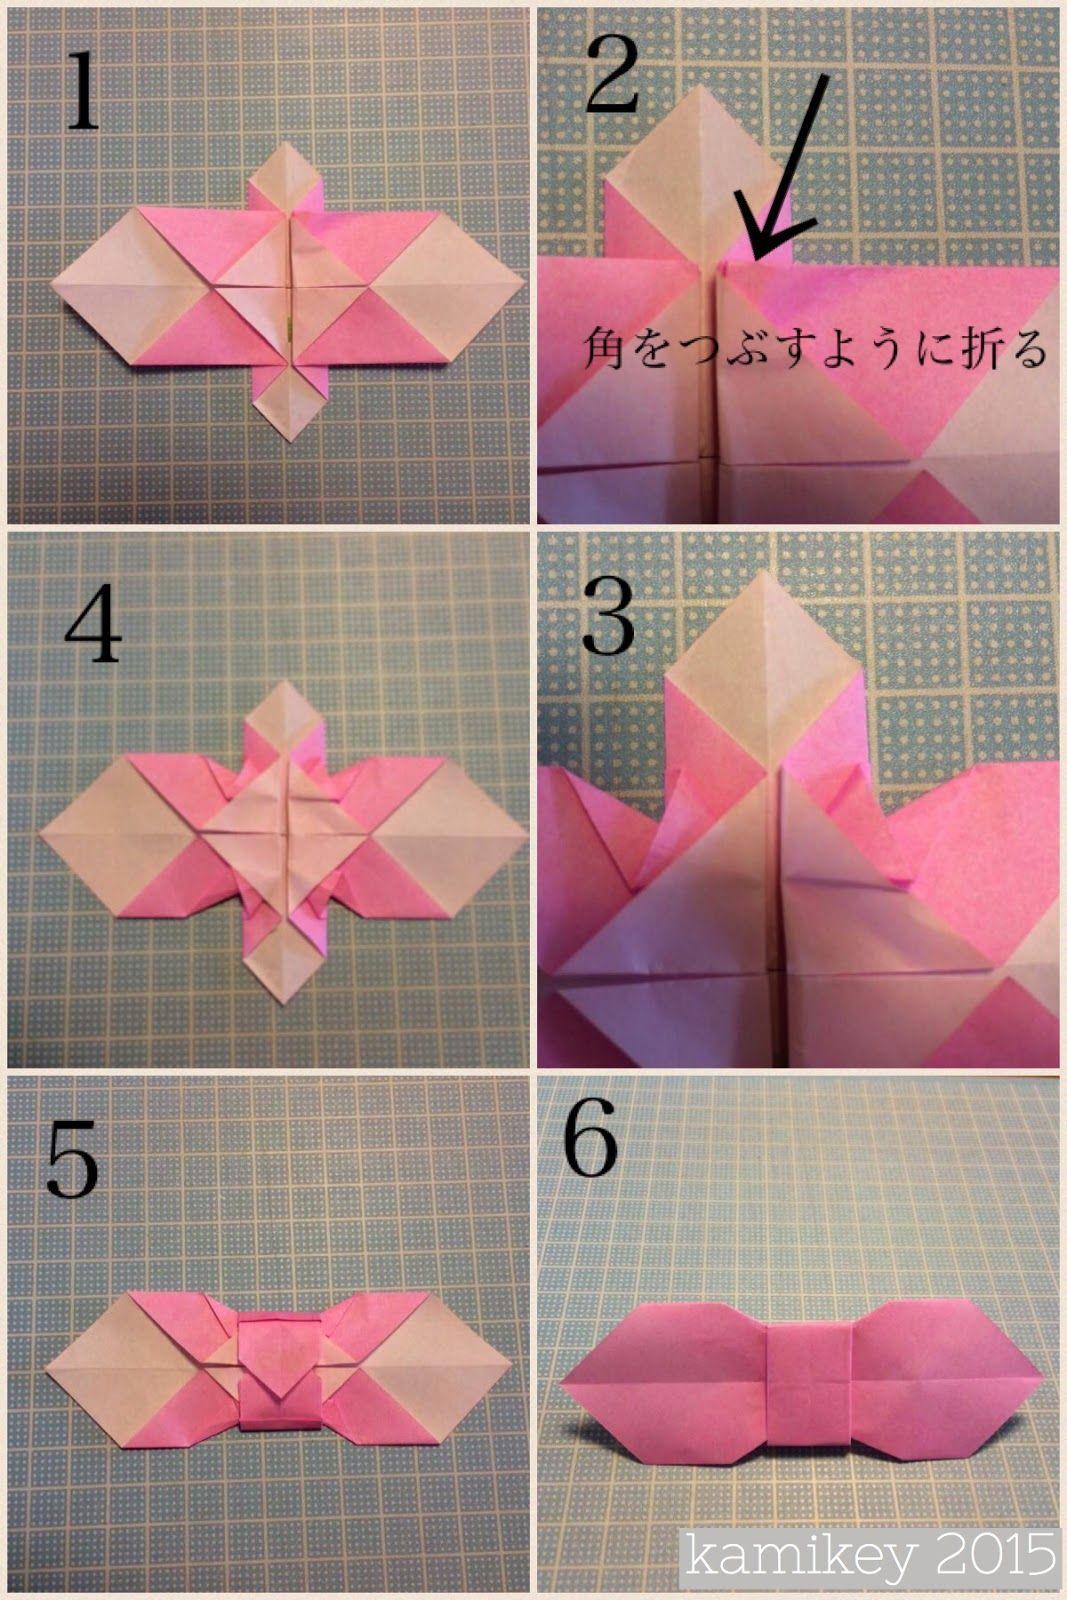 2.bp.blogspot.com -uswEwyPSx28 VQ-gBgQcf9I AAAAAAAAAEk 45A0lAxf4Wk s1600 ribbondiagram.JPG